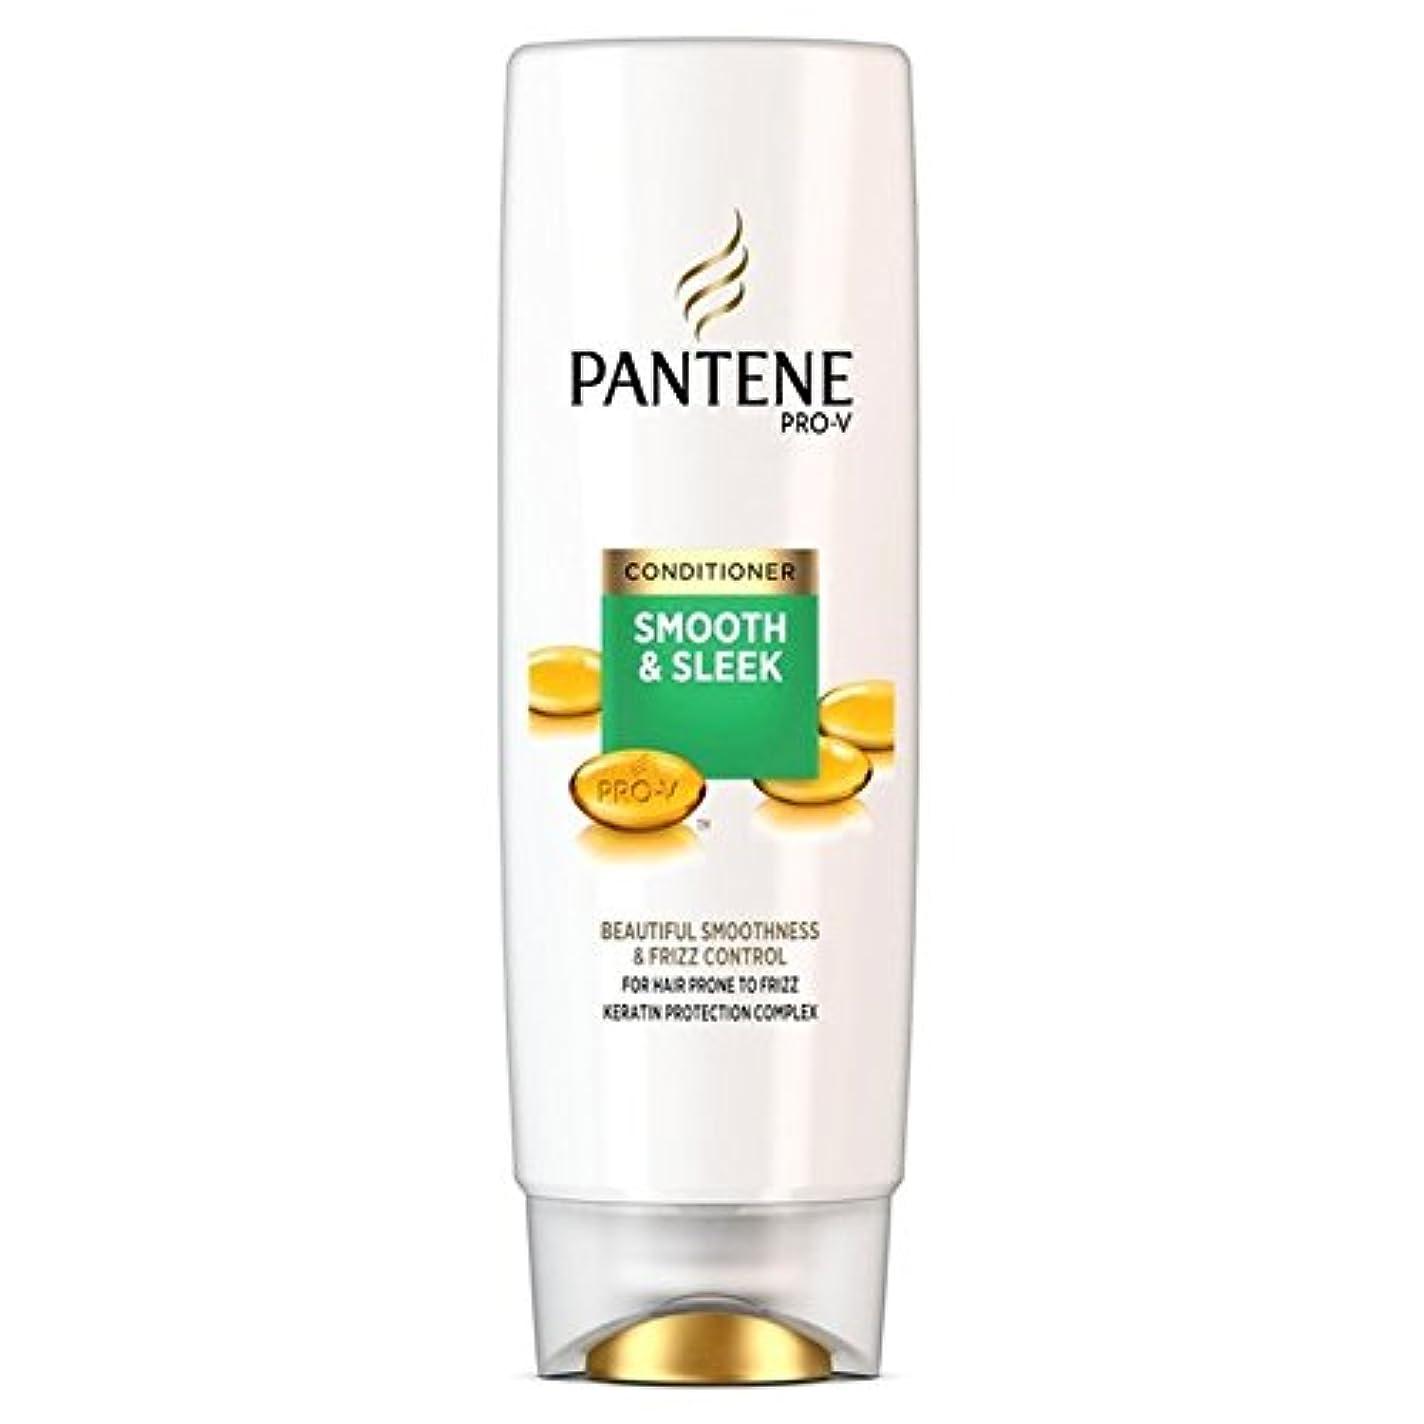 ミニチュア触覚宿るPantene Conditioner Smooth & Sleek For Hair Prone to Frizz 250ml - パンテーンコンディショナースムーズ&縮れ250ミリリットルを受けやすい髪になめらかな...